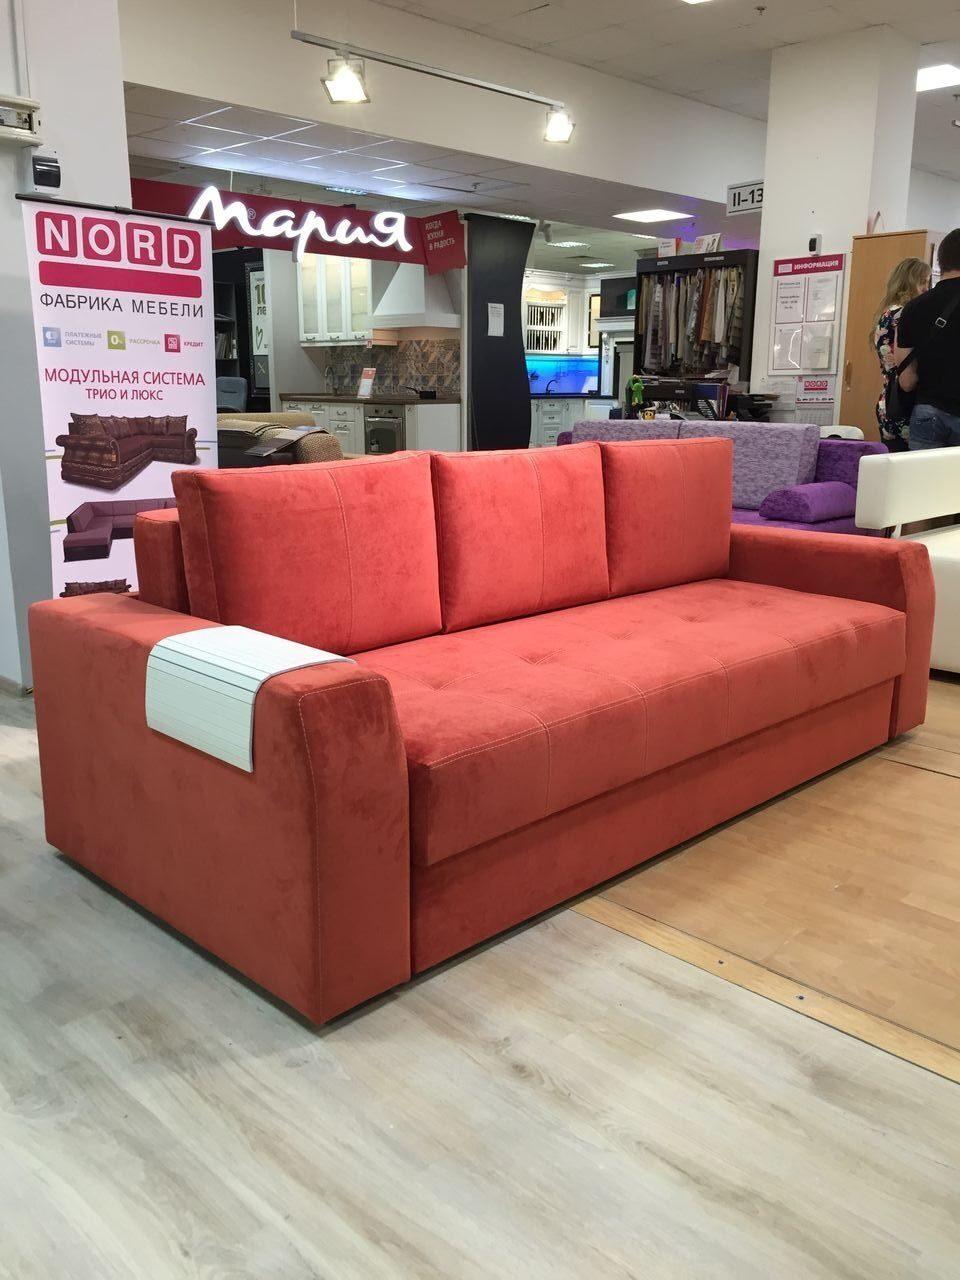 Купить недорого диван интернет магазин в  Москве